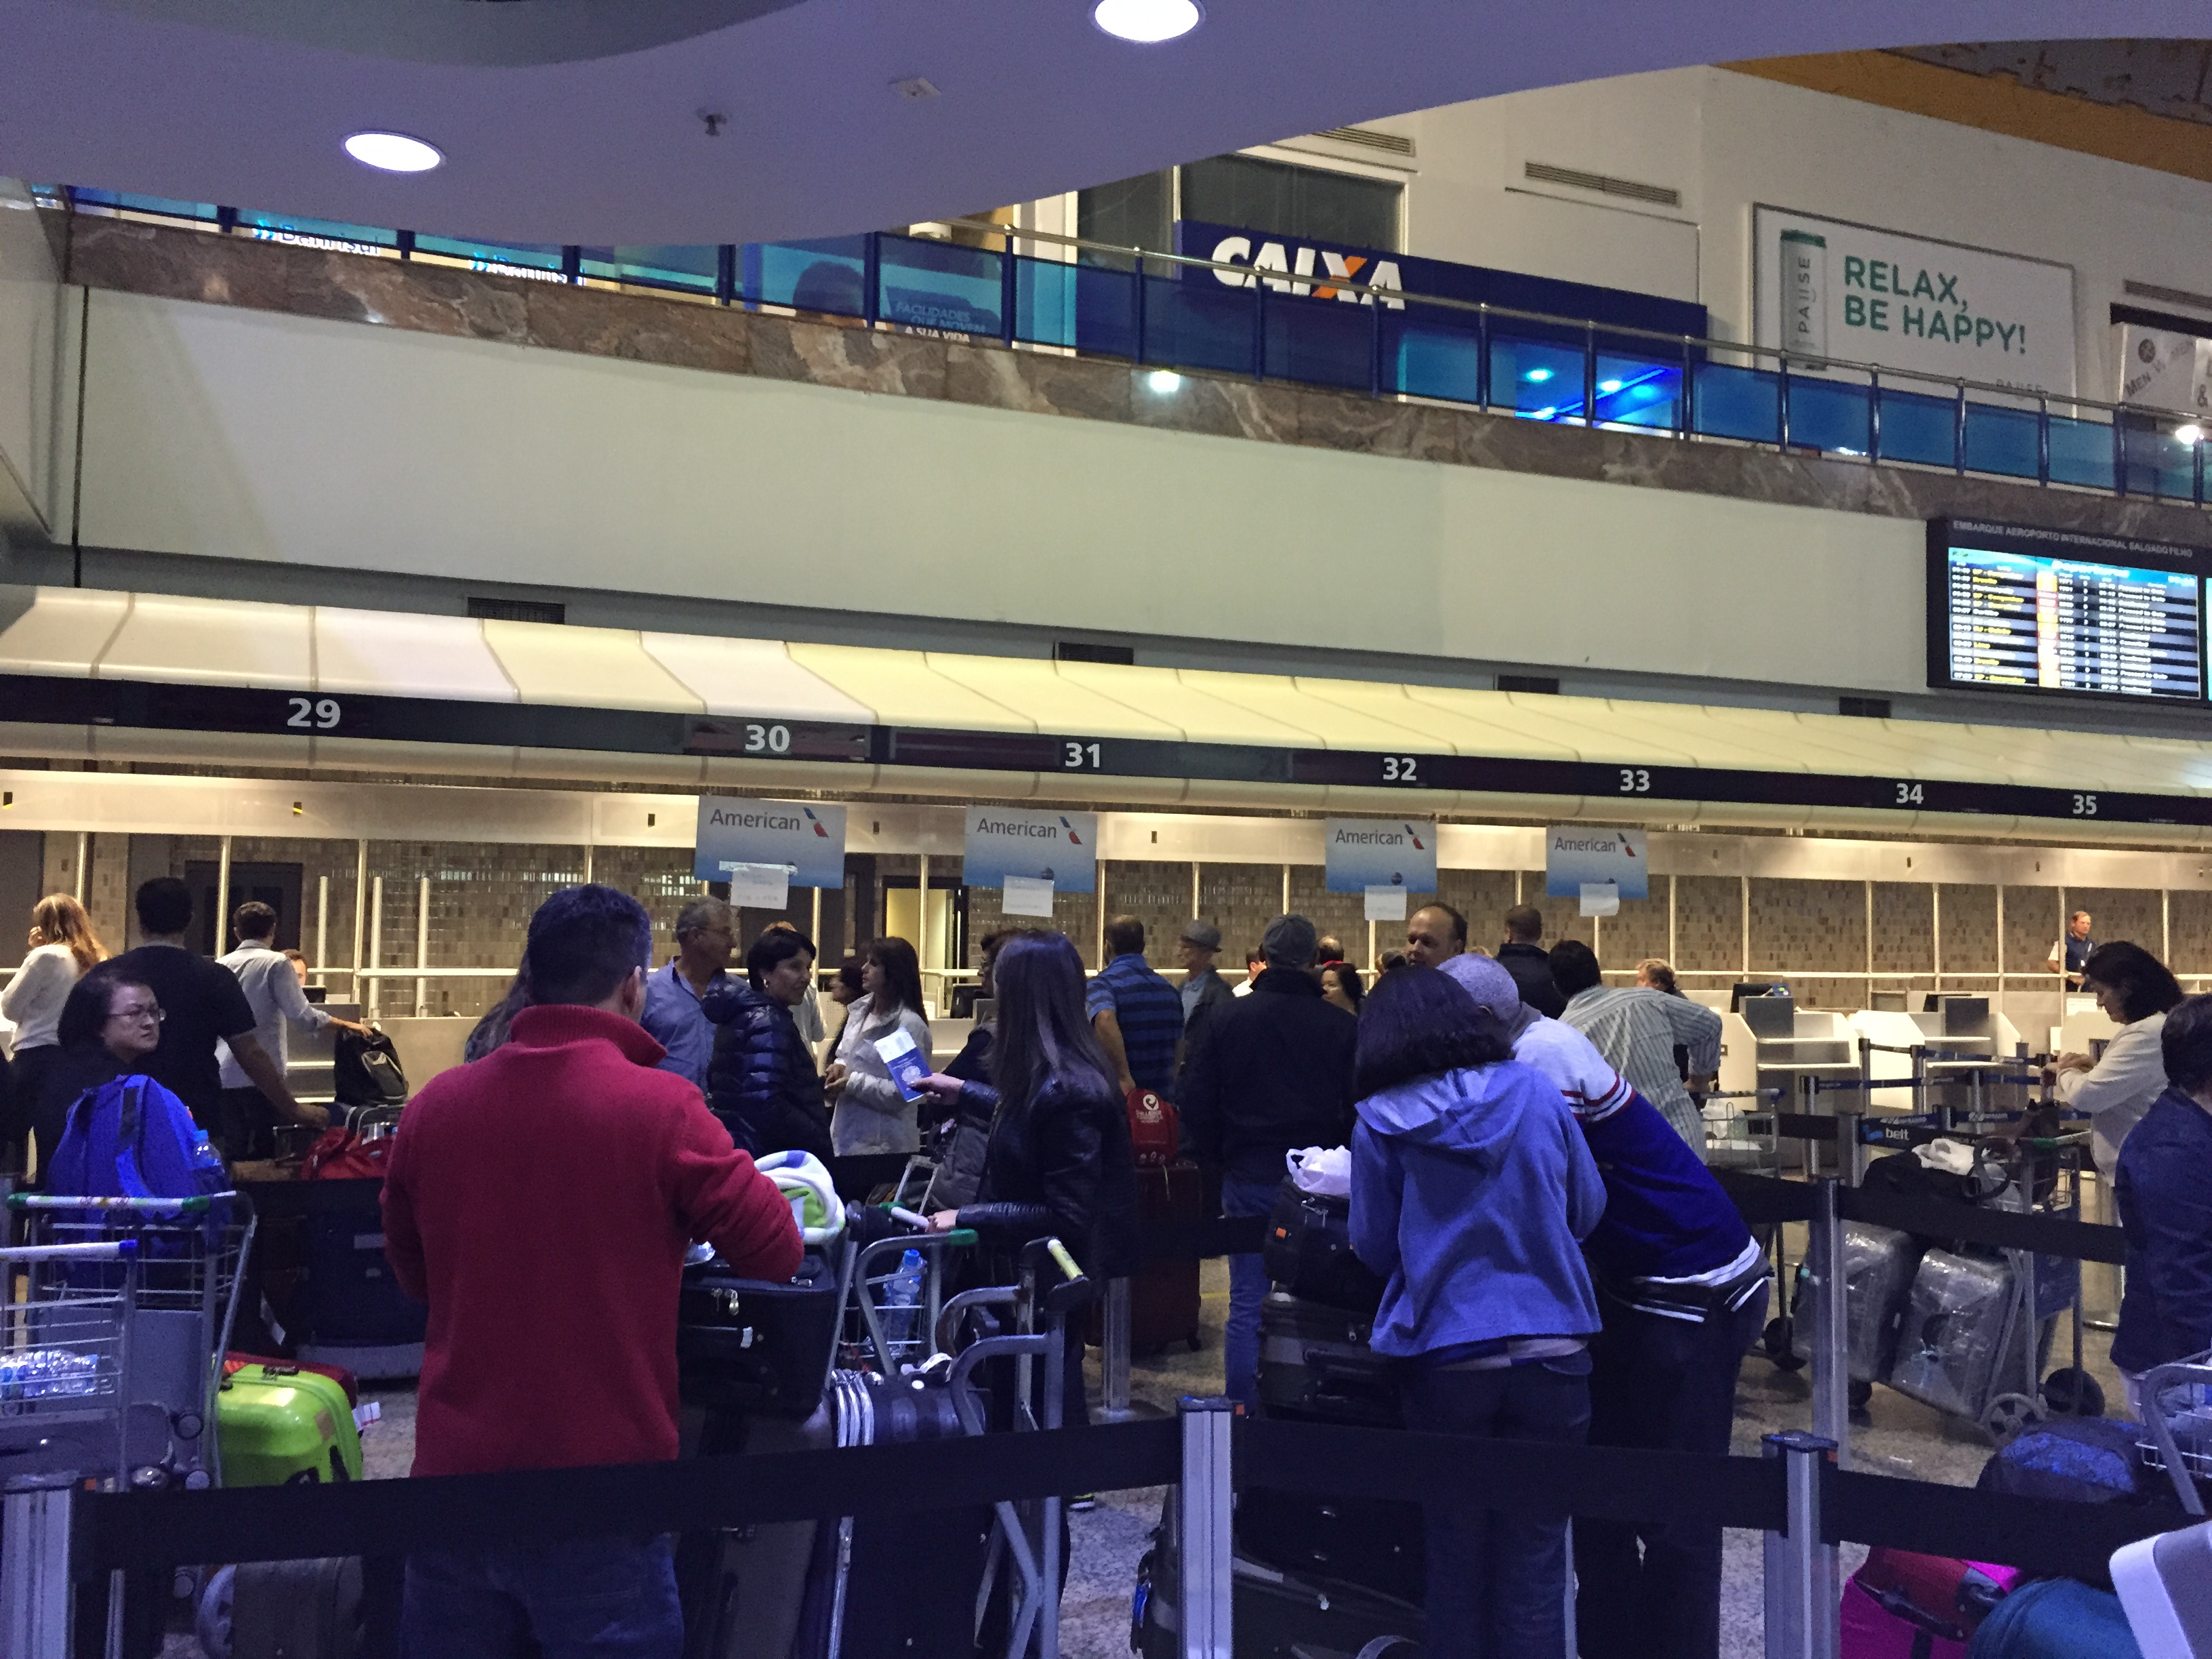 Passageiros esperam atendimento após o cancelamento do voo da American Airlines (Arquivo Pessoal/Vinicius Seibt)